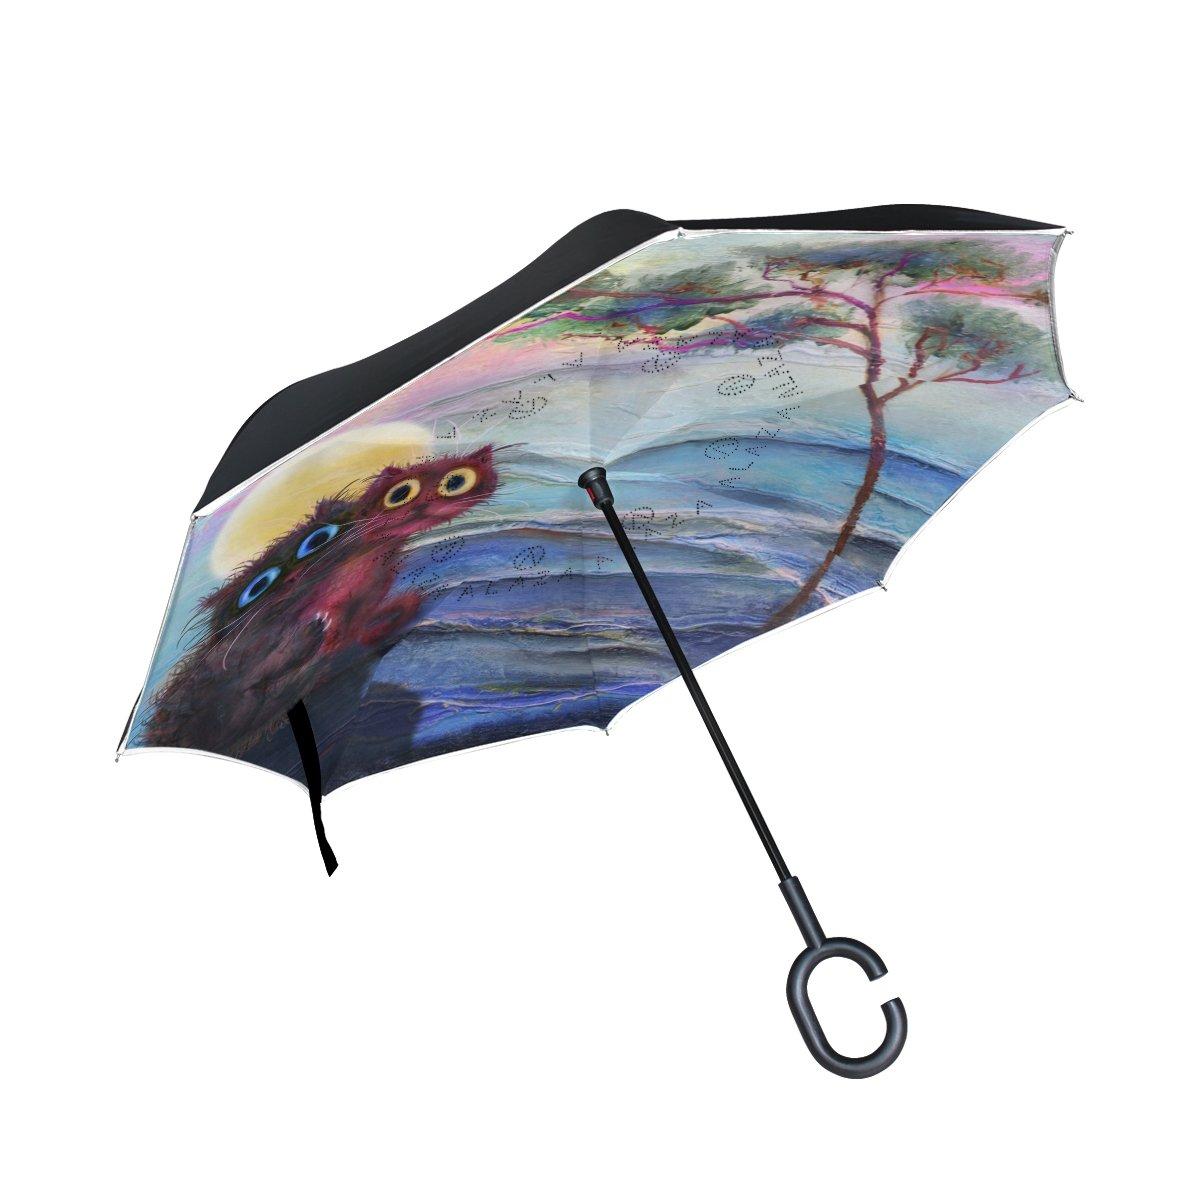 ALAZA Doble Capa Paraguas invertido Coches inversa Paraguas Dos Gatos bajo la Prueba de árbol de Halloween a Prueba de Viento al Aire Libre Paraguas UV ...